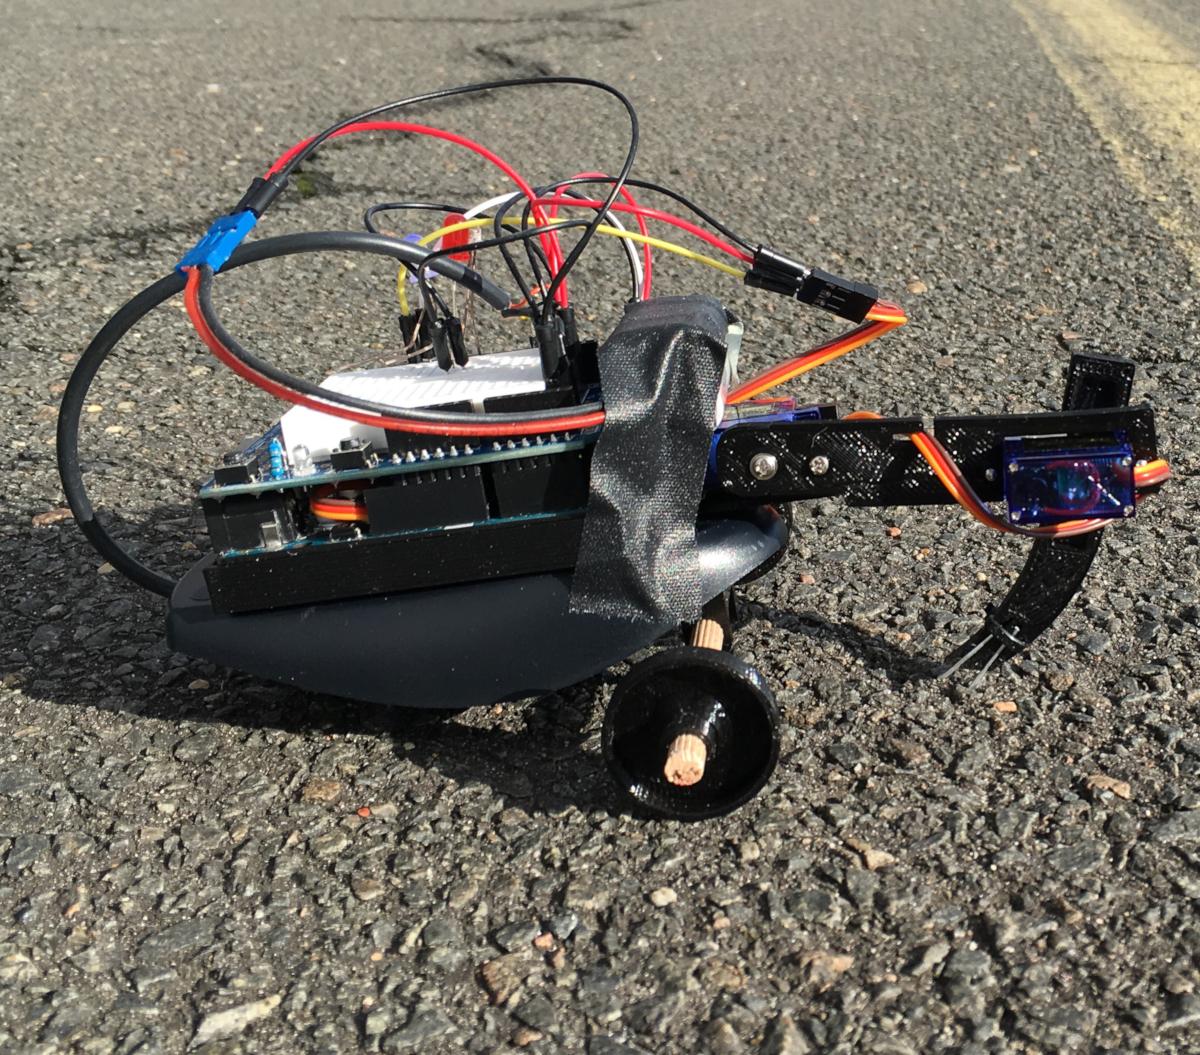 SISYPHUS est un robot qui apprend à explorer à l'aide d'un simple algorithme d'intelligence artificielle appelé apprentissage par renforcement. Le robot tente d'abord des actions aléatoires et apprend s'il avance ou recule. Au fil du temps, il relie les actions qui le font avancer. (crédits: mangtronix / Flickr Creative Commons Attribution-ShareAlike 2.0 Generic (CC BY-SA 2.0))